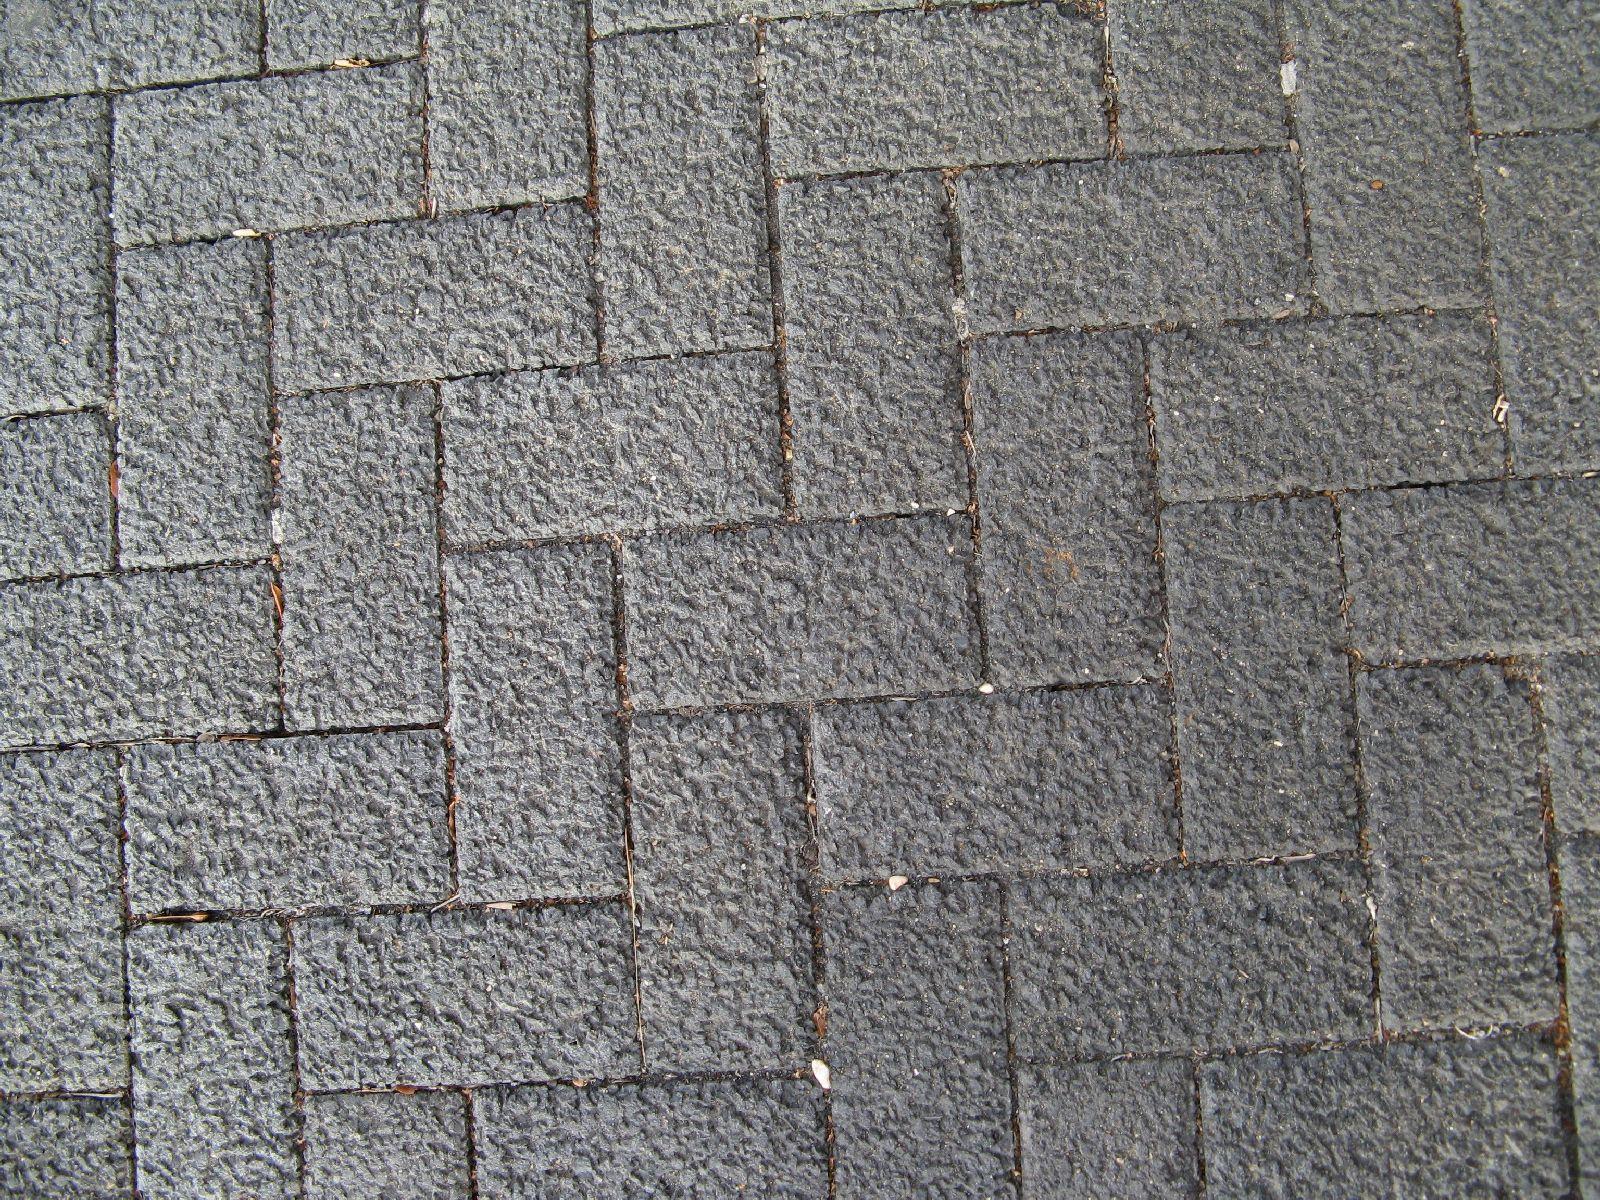 Ground-Urban_Texture_B_0643